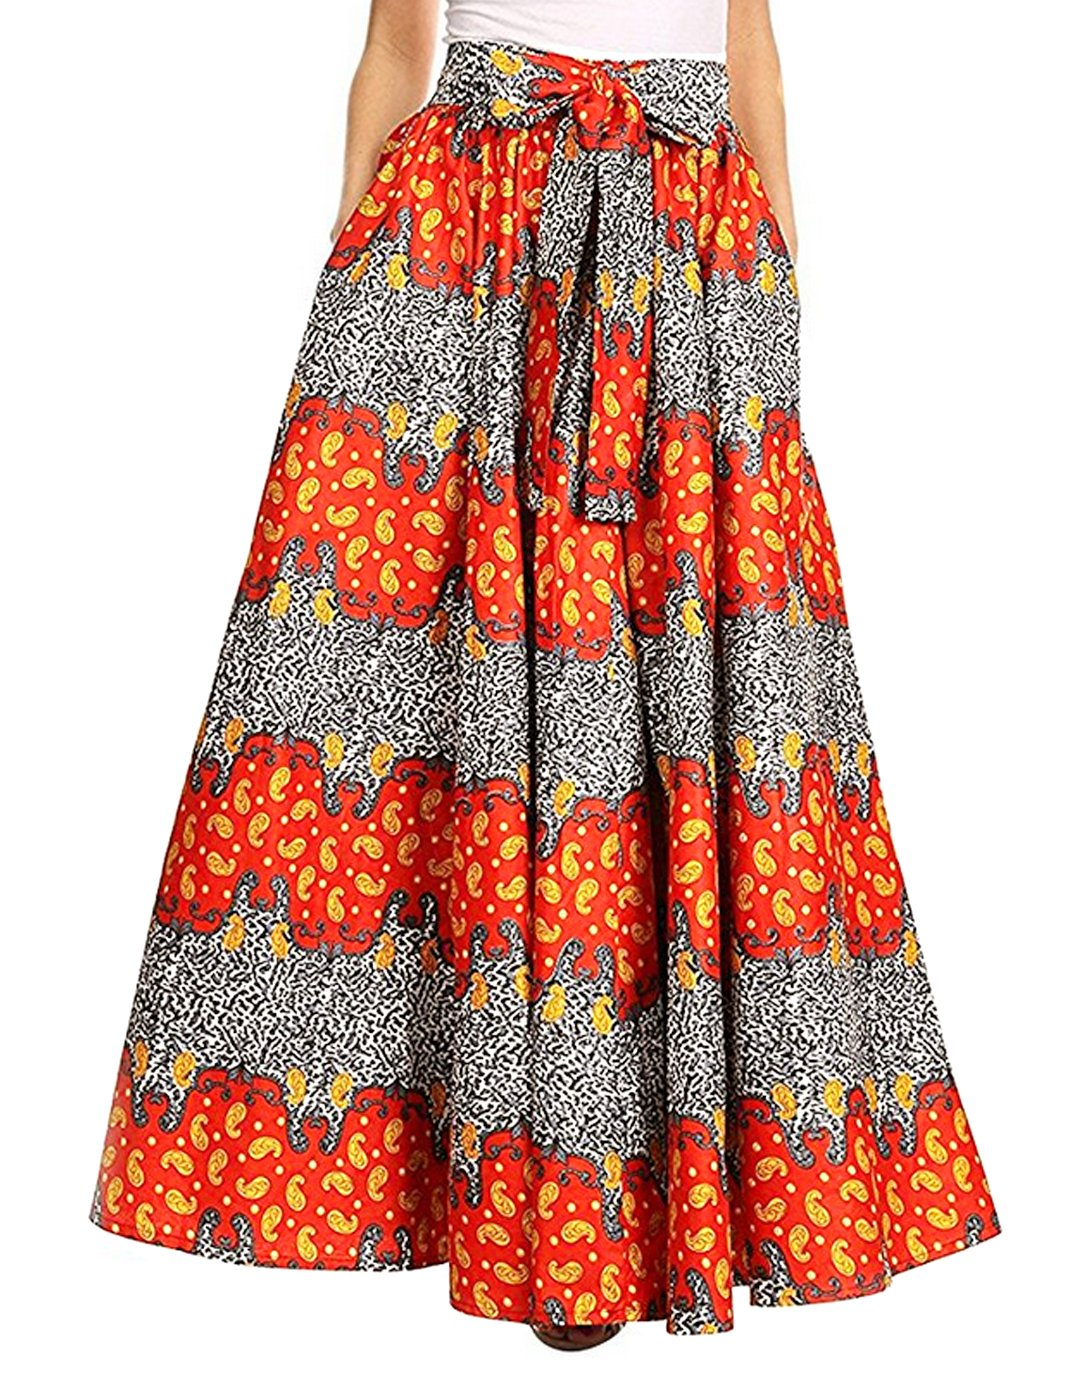 Monique Women Summer Floral Print Pleated Maxi Skirt Adjustable Waist A Line Long Skirt Dress